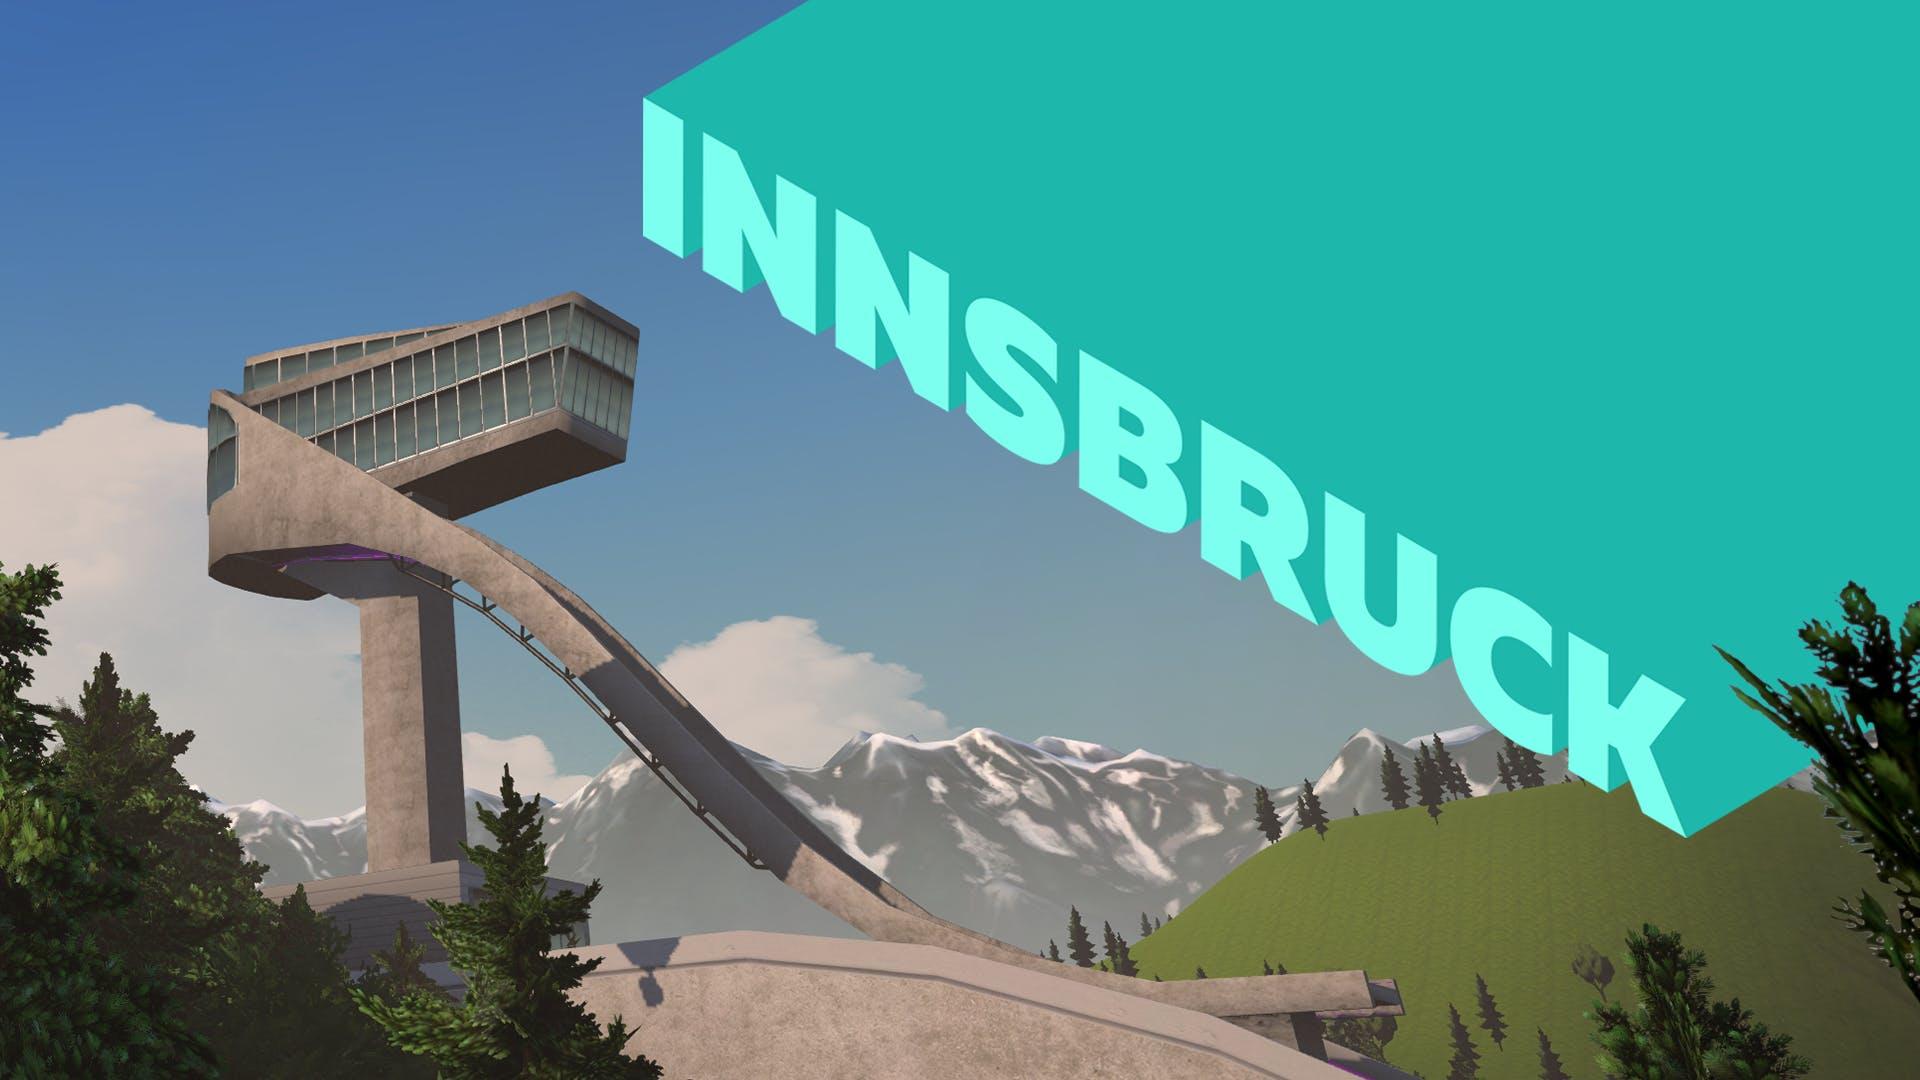 2. Etappe: Innsbruck